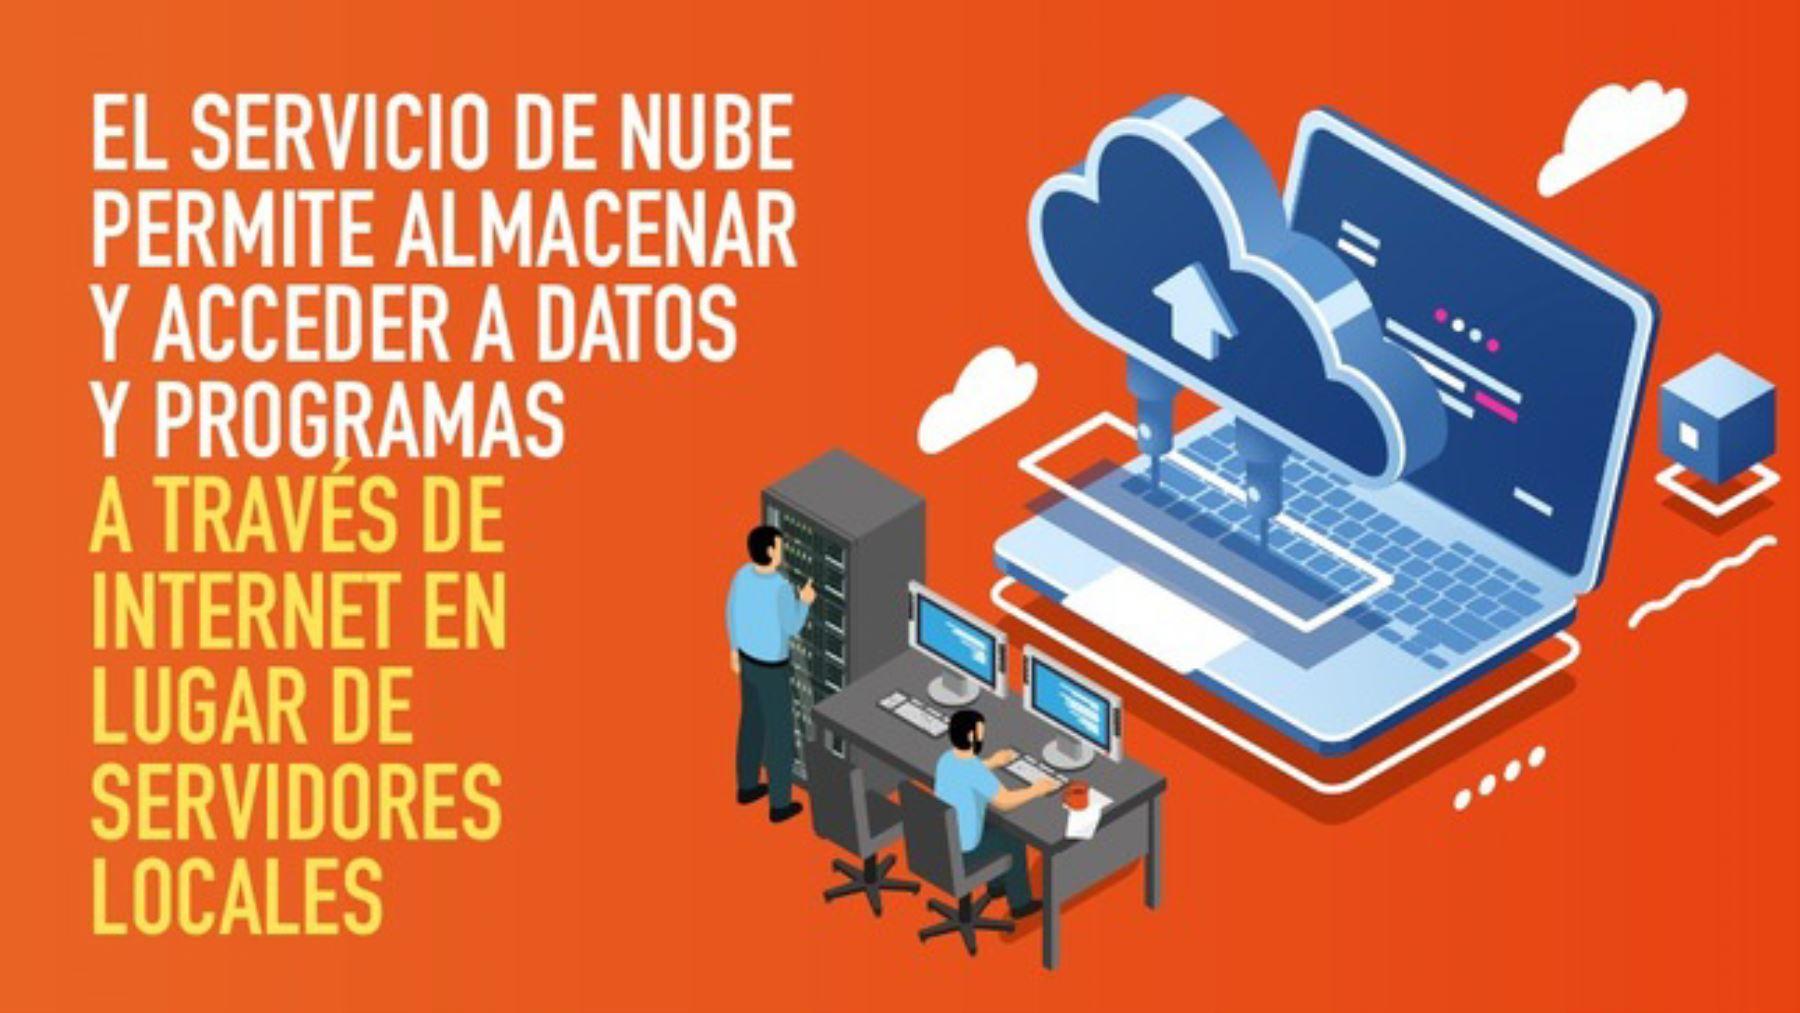 Con el objetivo de impulsar la transformación digital en las regiones, la Presidencia del Consejo de Ministros (PCM) anunció recientemente el despliegue de servicios de nube para las municipalidades con menores recursos del Perú.